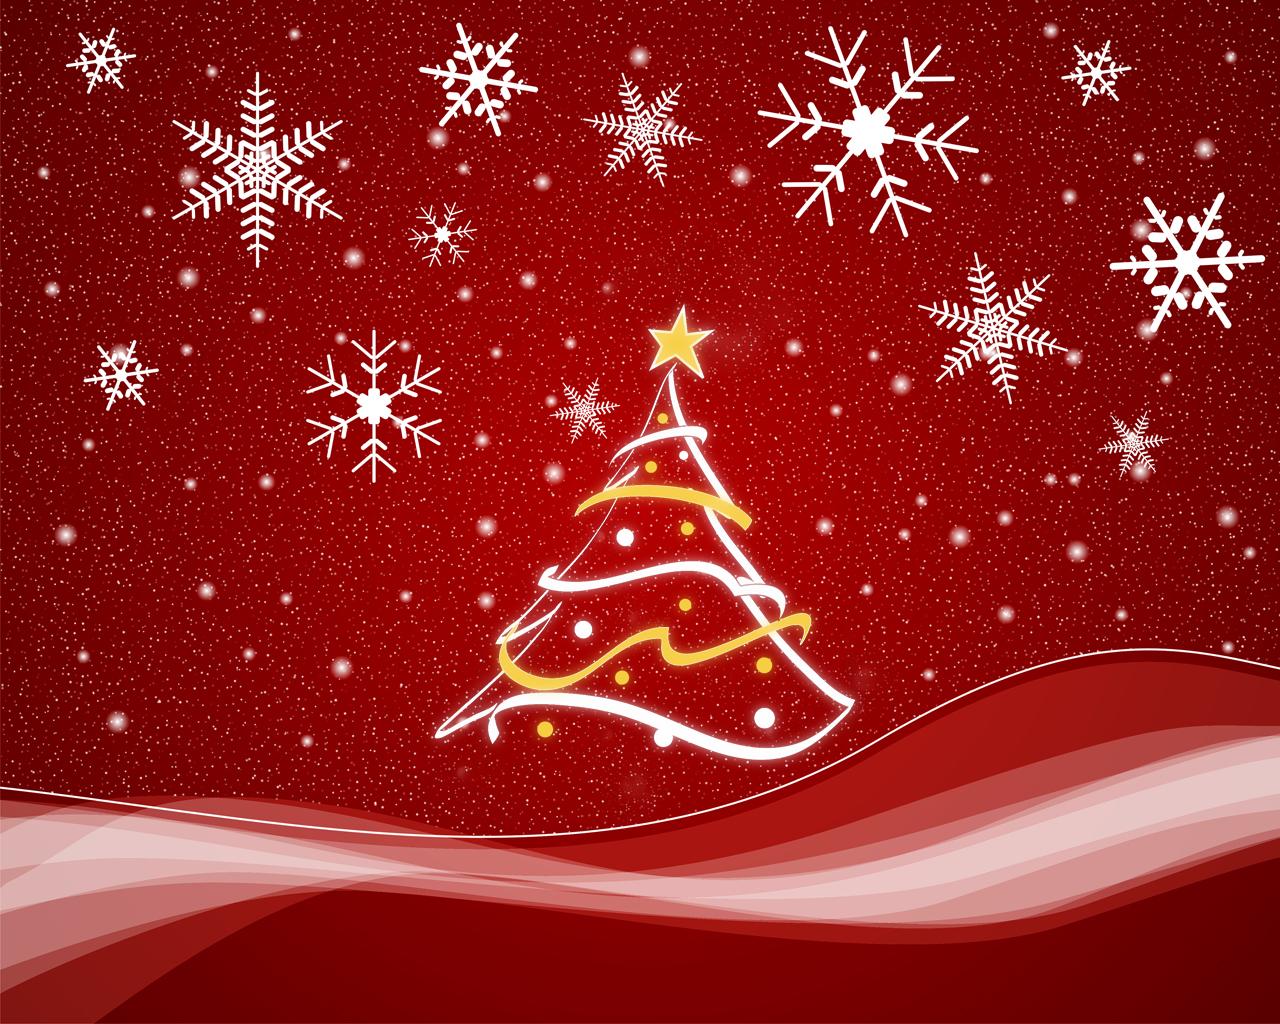 Auf Der Anderen Seite Welt Merry Christmas